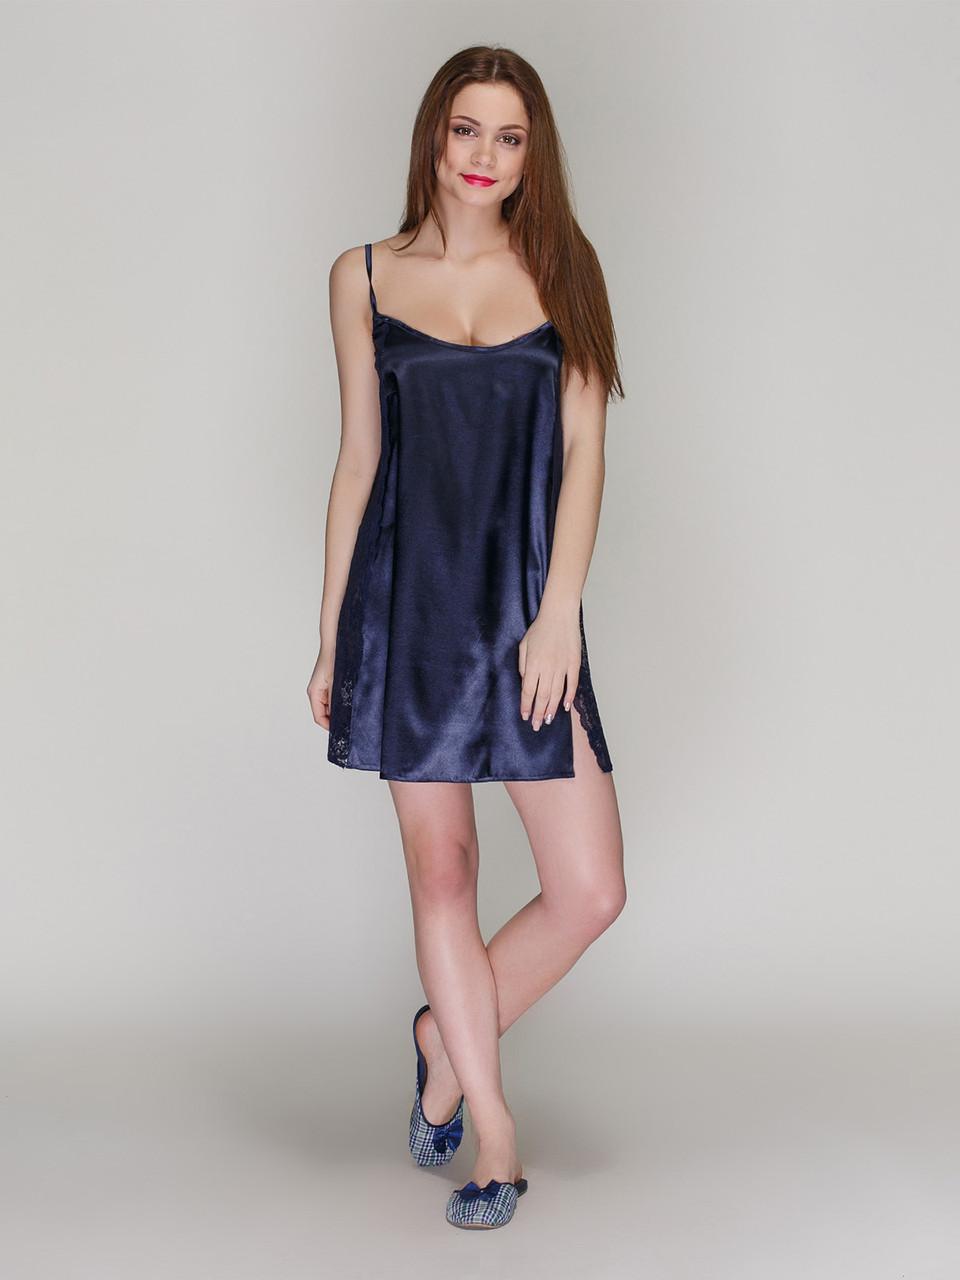 Сорочка Serenade стрейч атлас темно синяя с кружевом